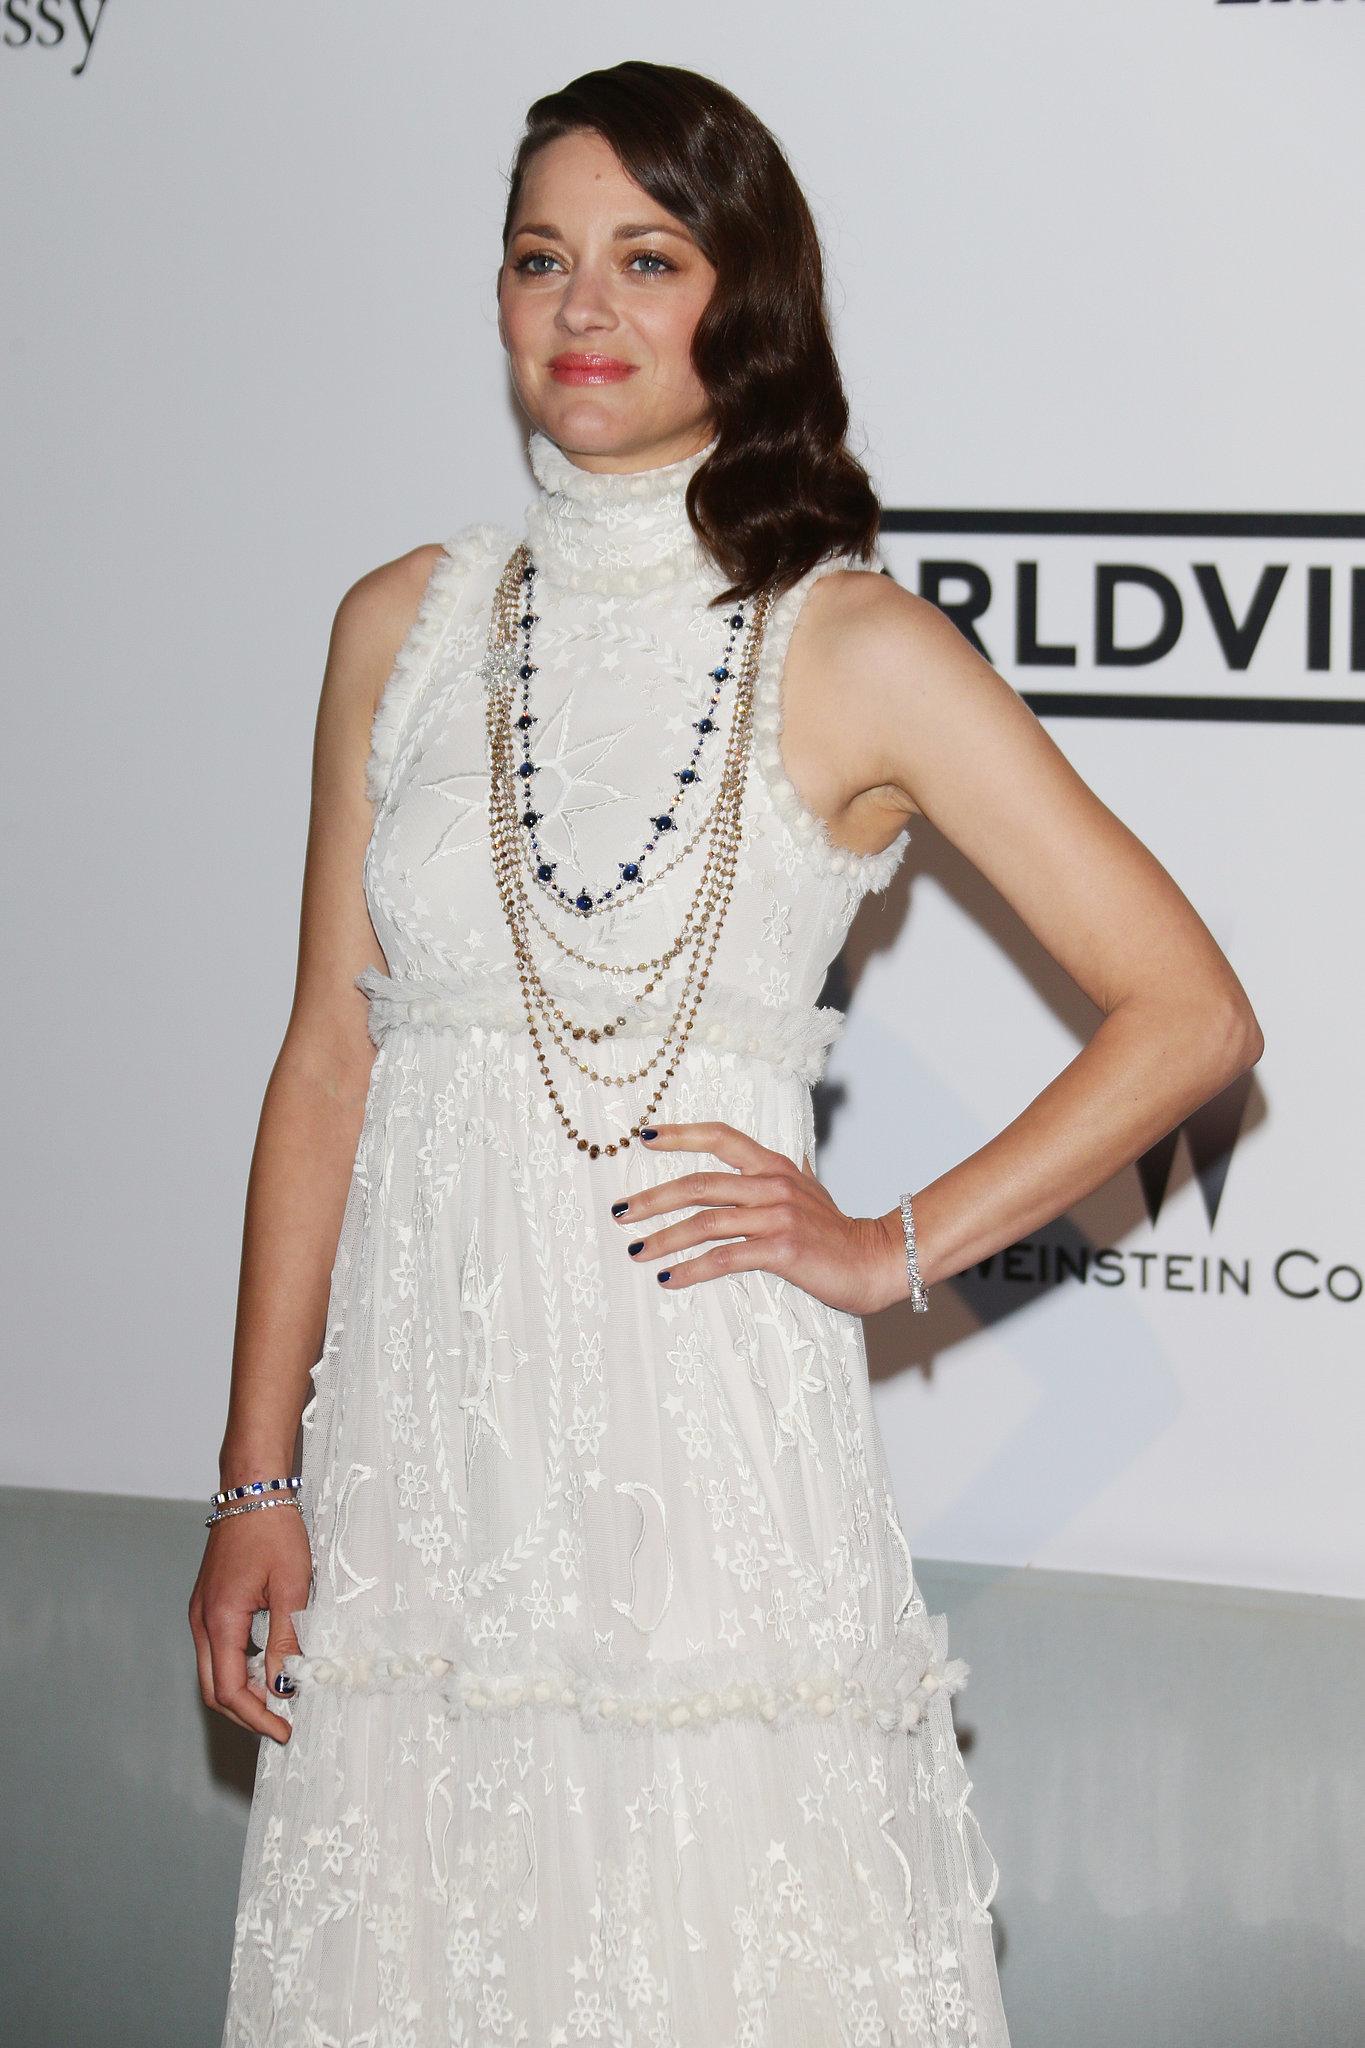 Marion Cotillard was radiant in white.